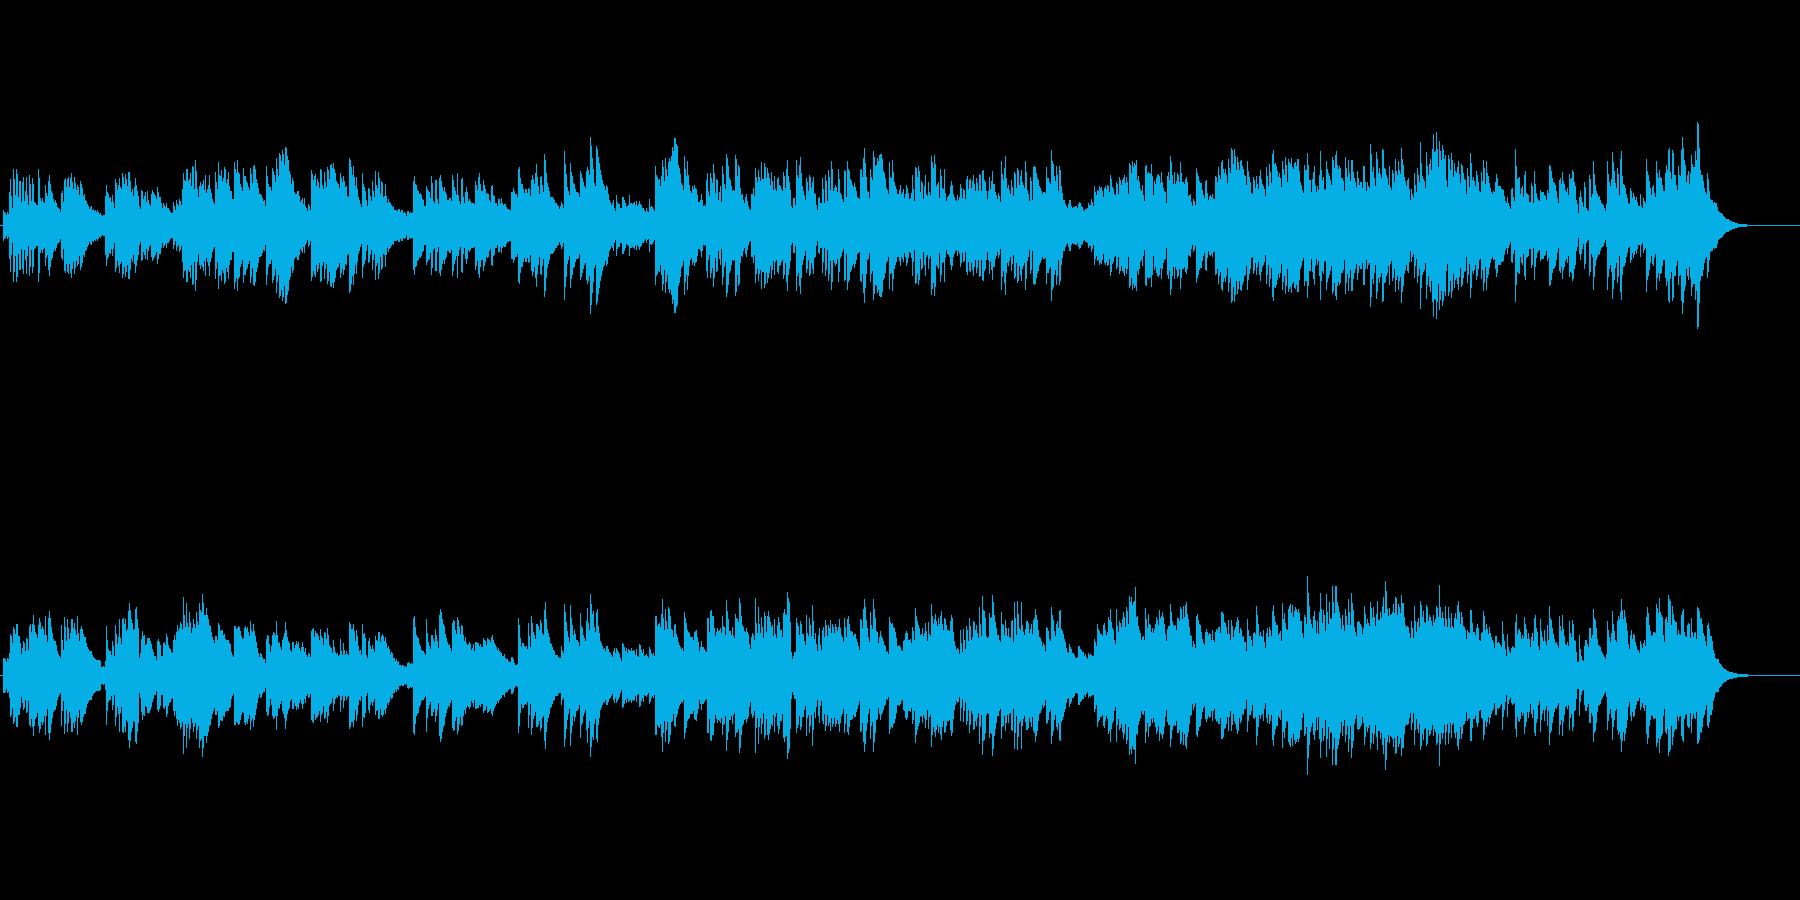 【イントロなし】オルゴール/アップテンポの再生済みの波形